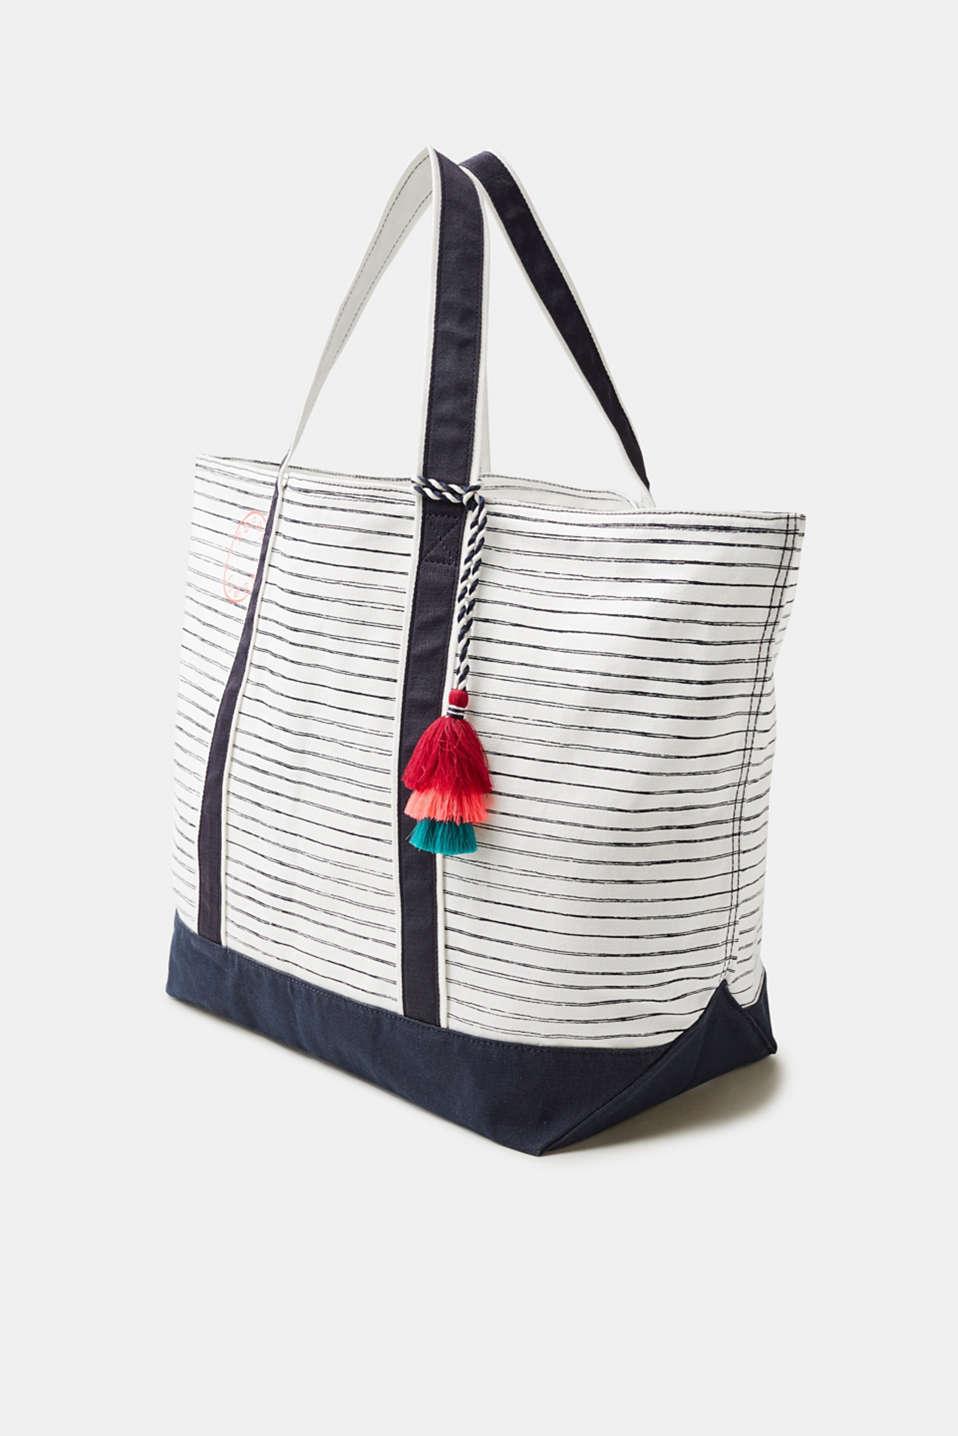 Esprit sac de plage en toile de coton acheter sur la for Toile de plage ikea